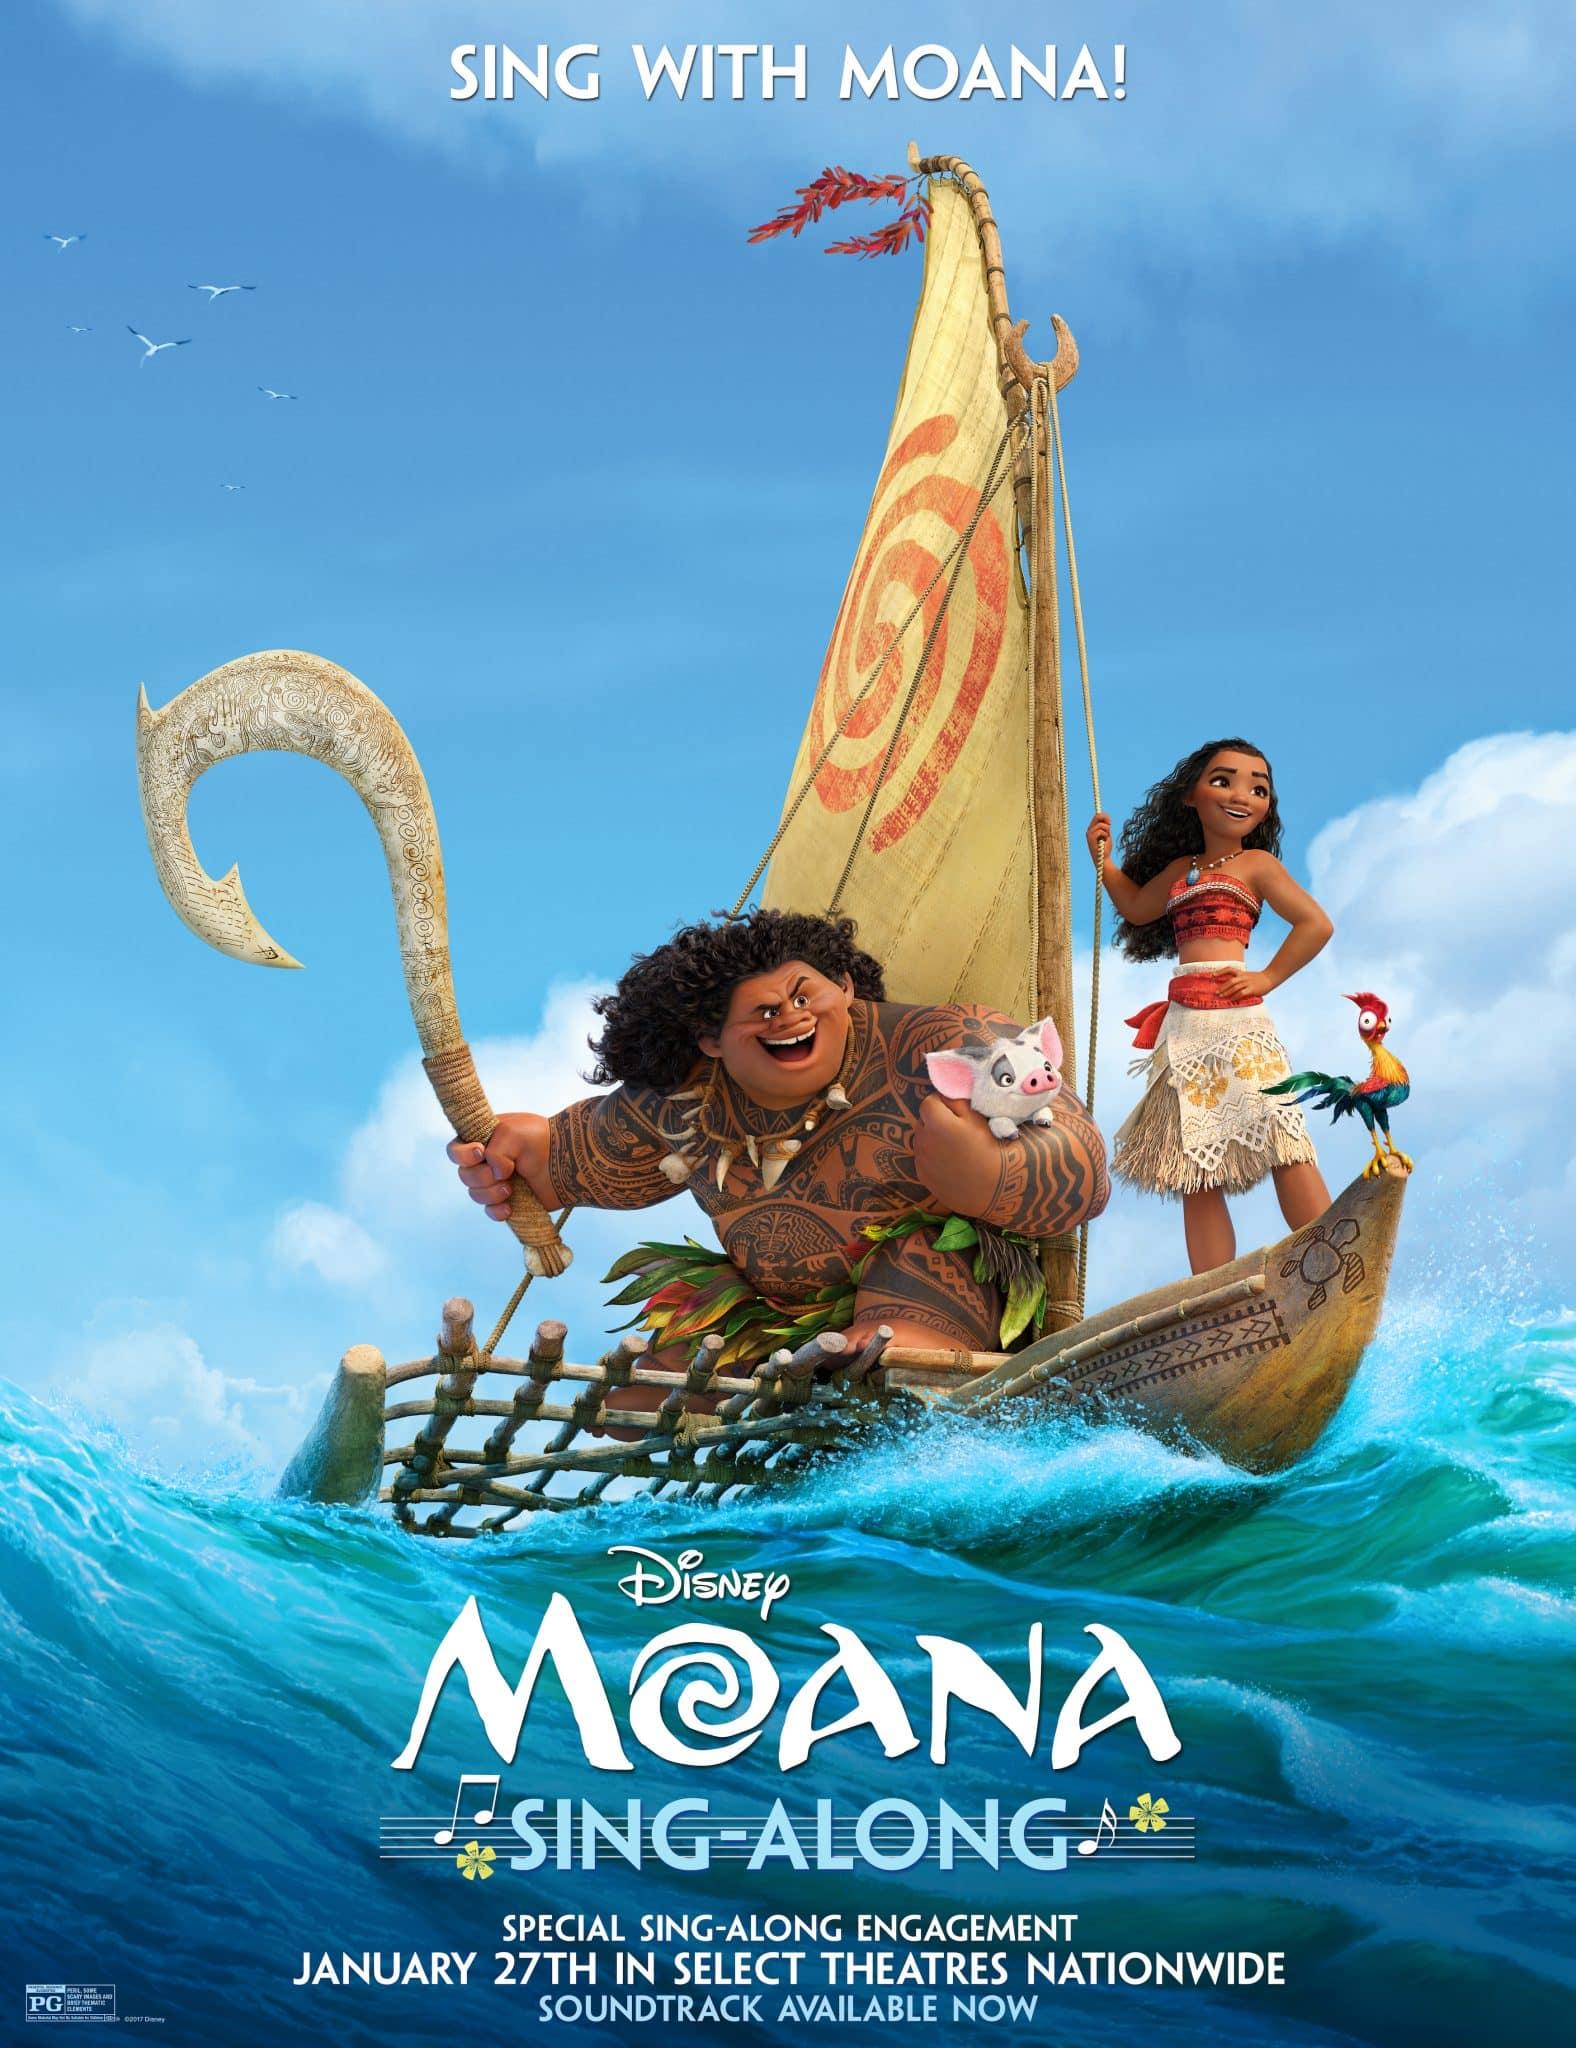 MOANA - Sing-Along Version Sails into Theaters January 27!!! #Moana